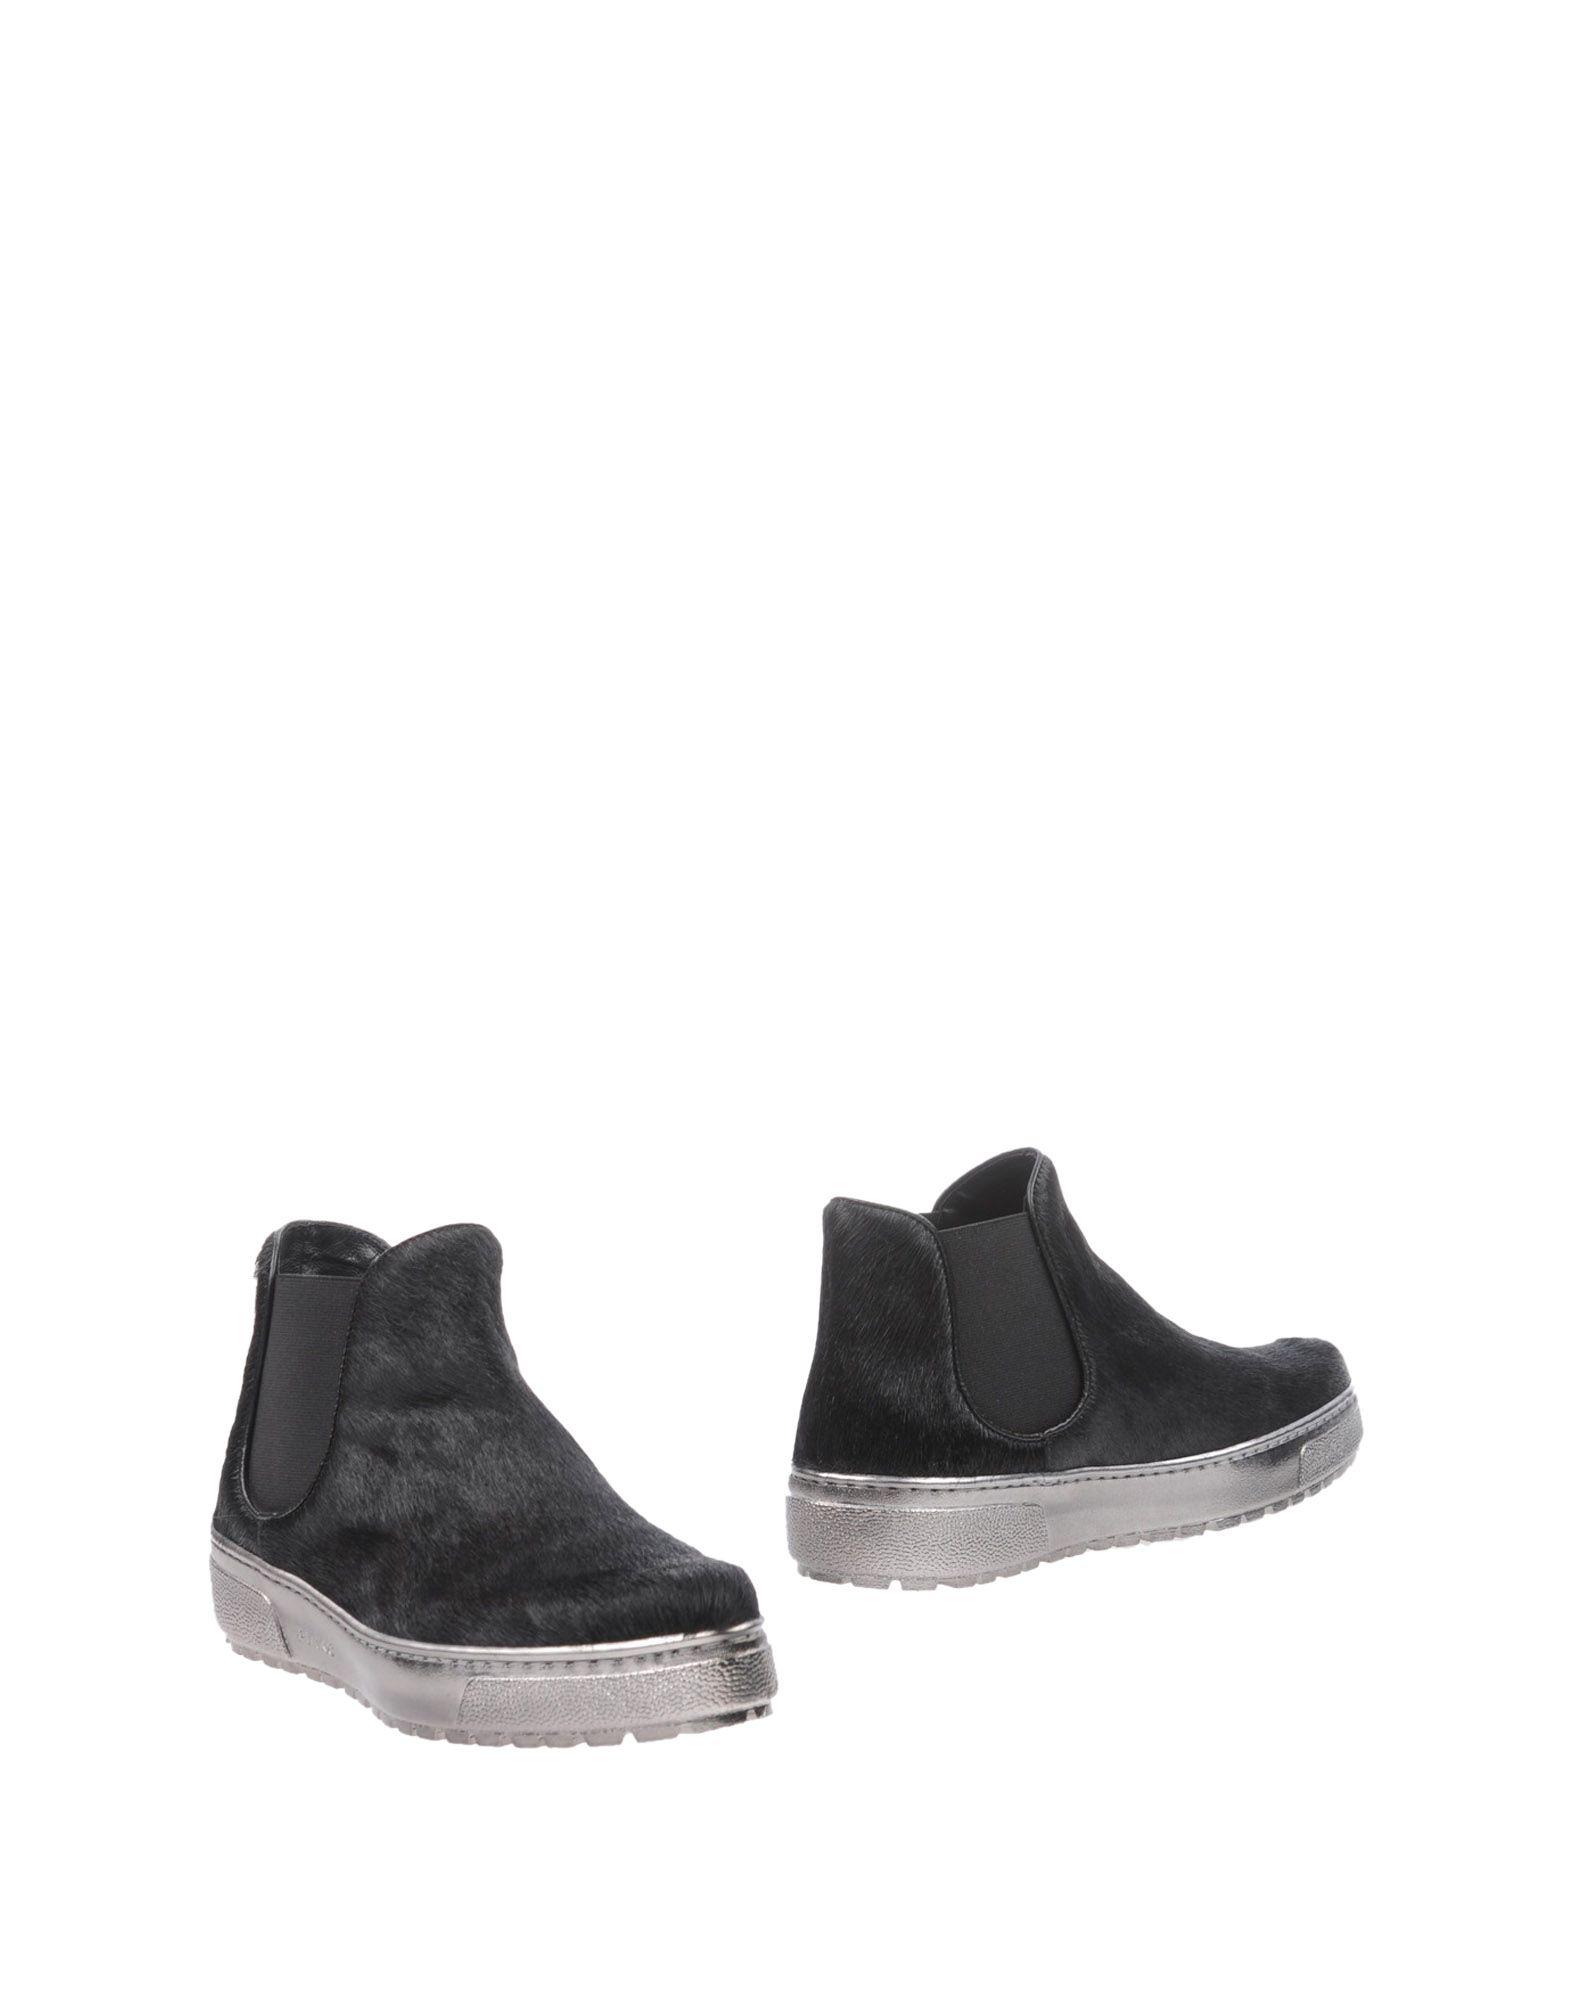 Gut um billige Schuhe zu tragenPinko tragenPinko tragenPinko Chelsea Boots Damen  11222198EE 50219a